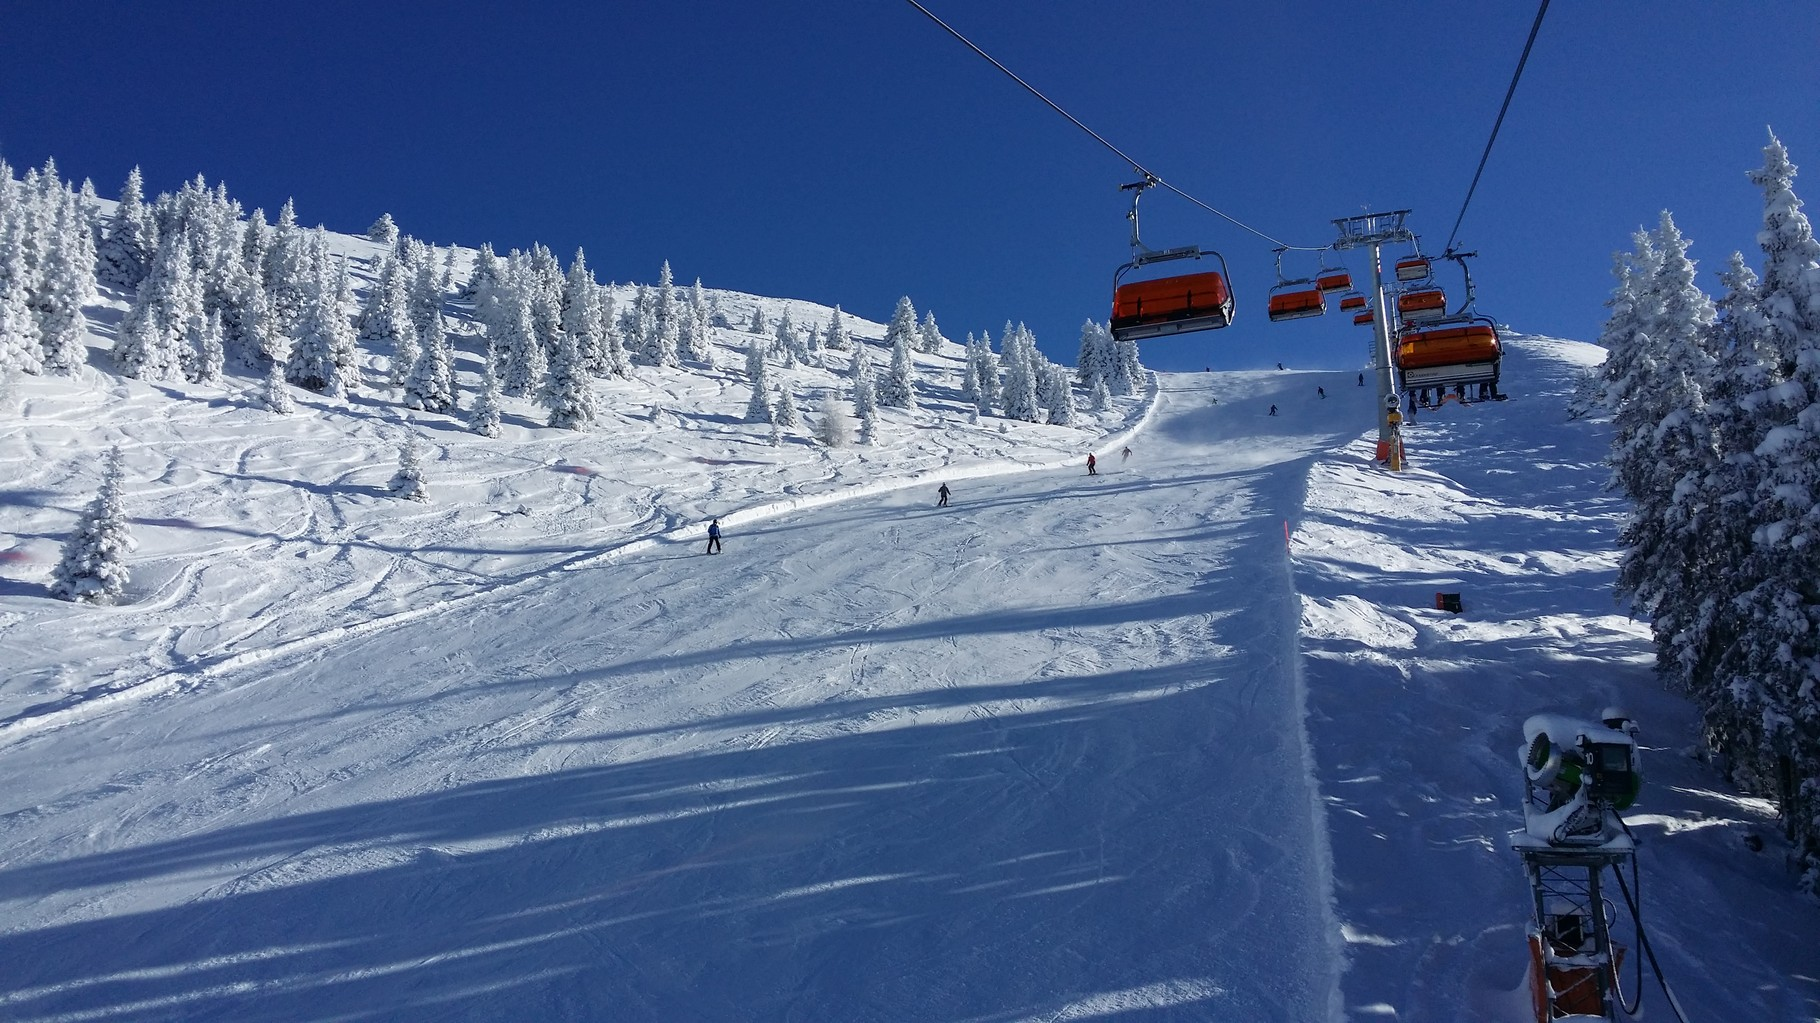 Black slope Gipfellift Hauser Kaibling